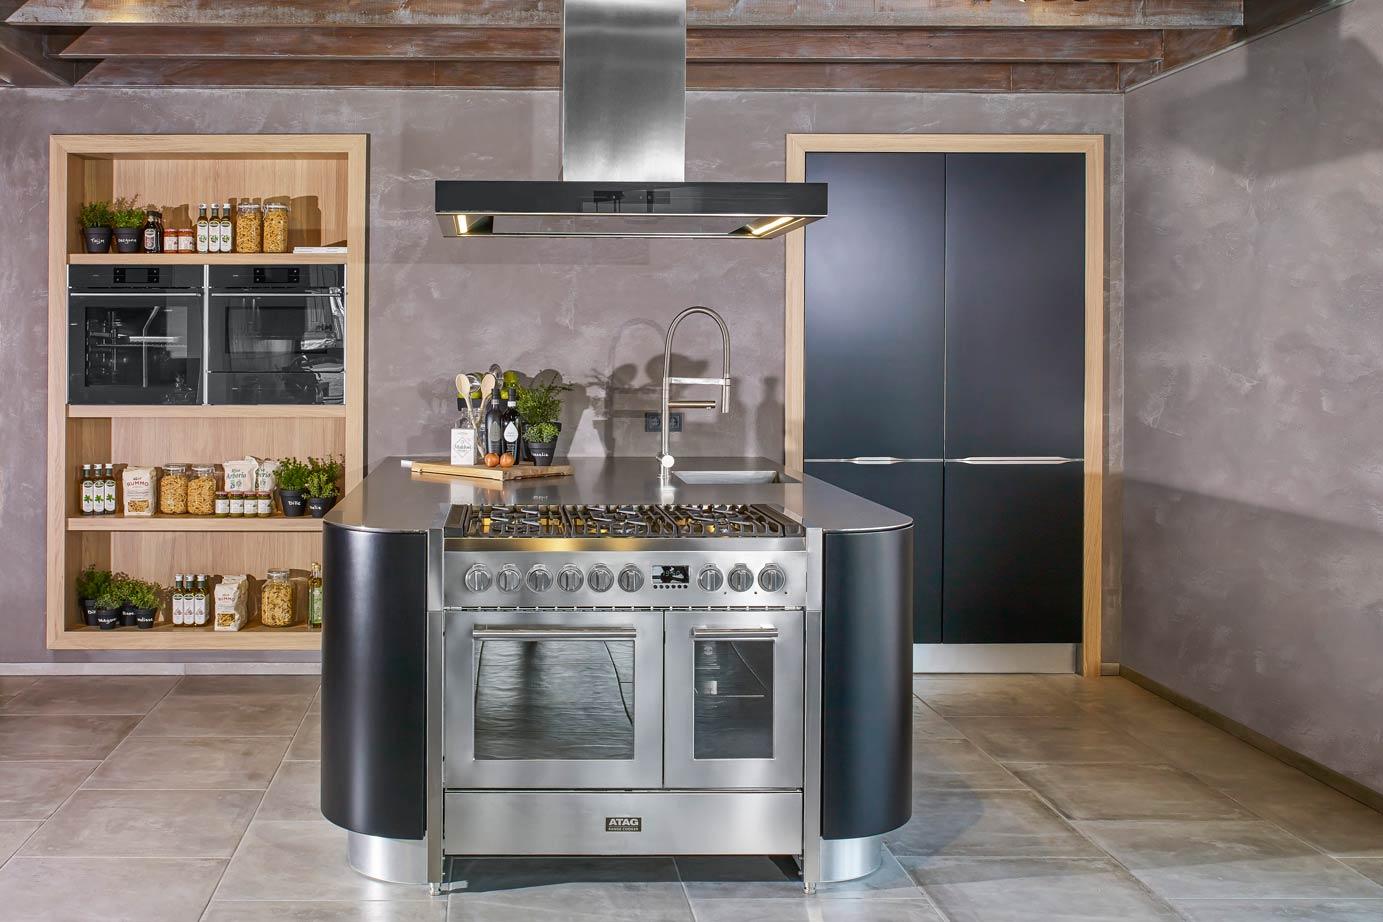 Retro Design Keuken : Keukenstijlen wat spreekt u aan bekijk diverse stijlen db keukens